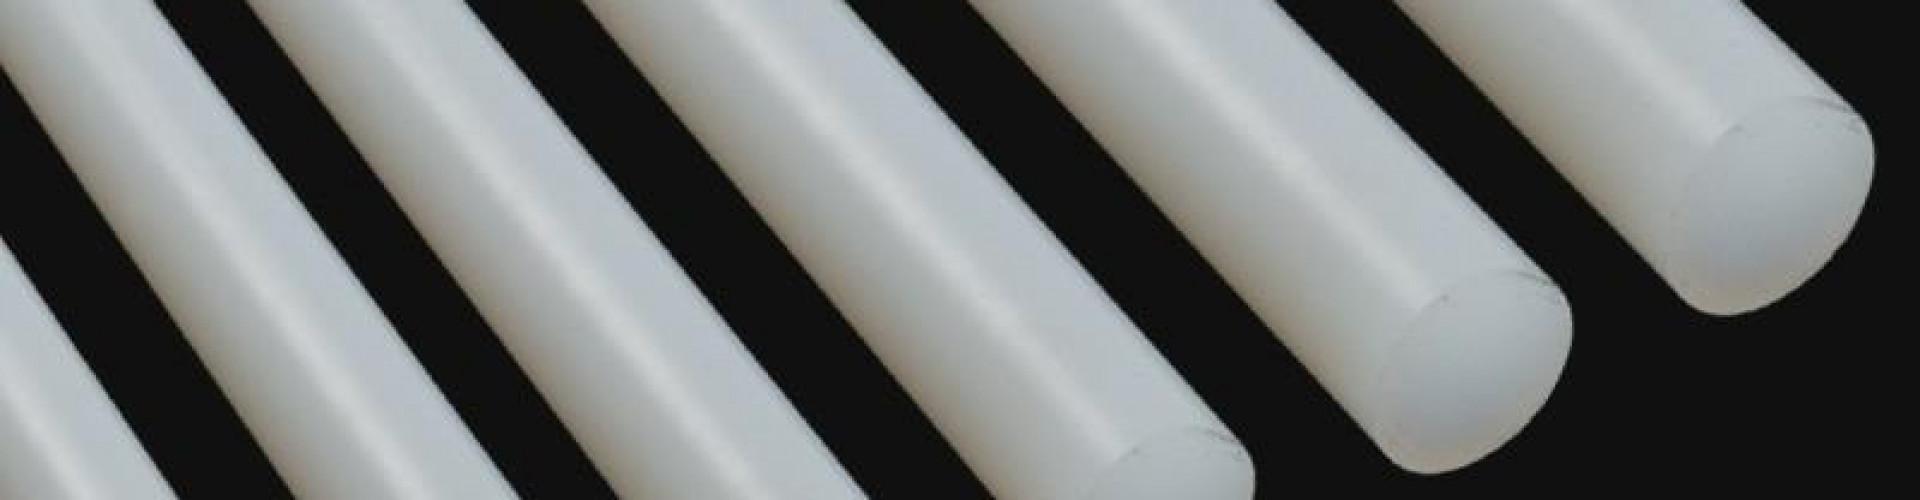 Barras redondas de nylon